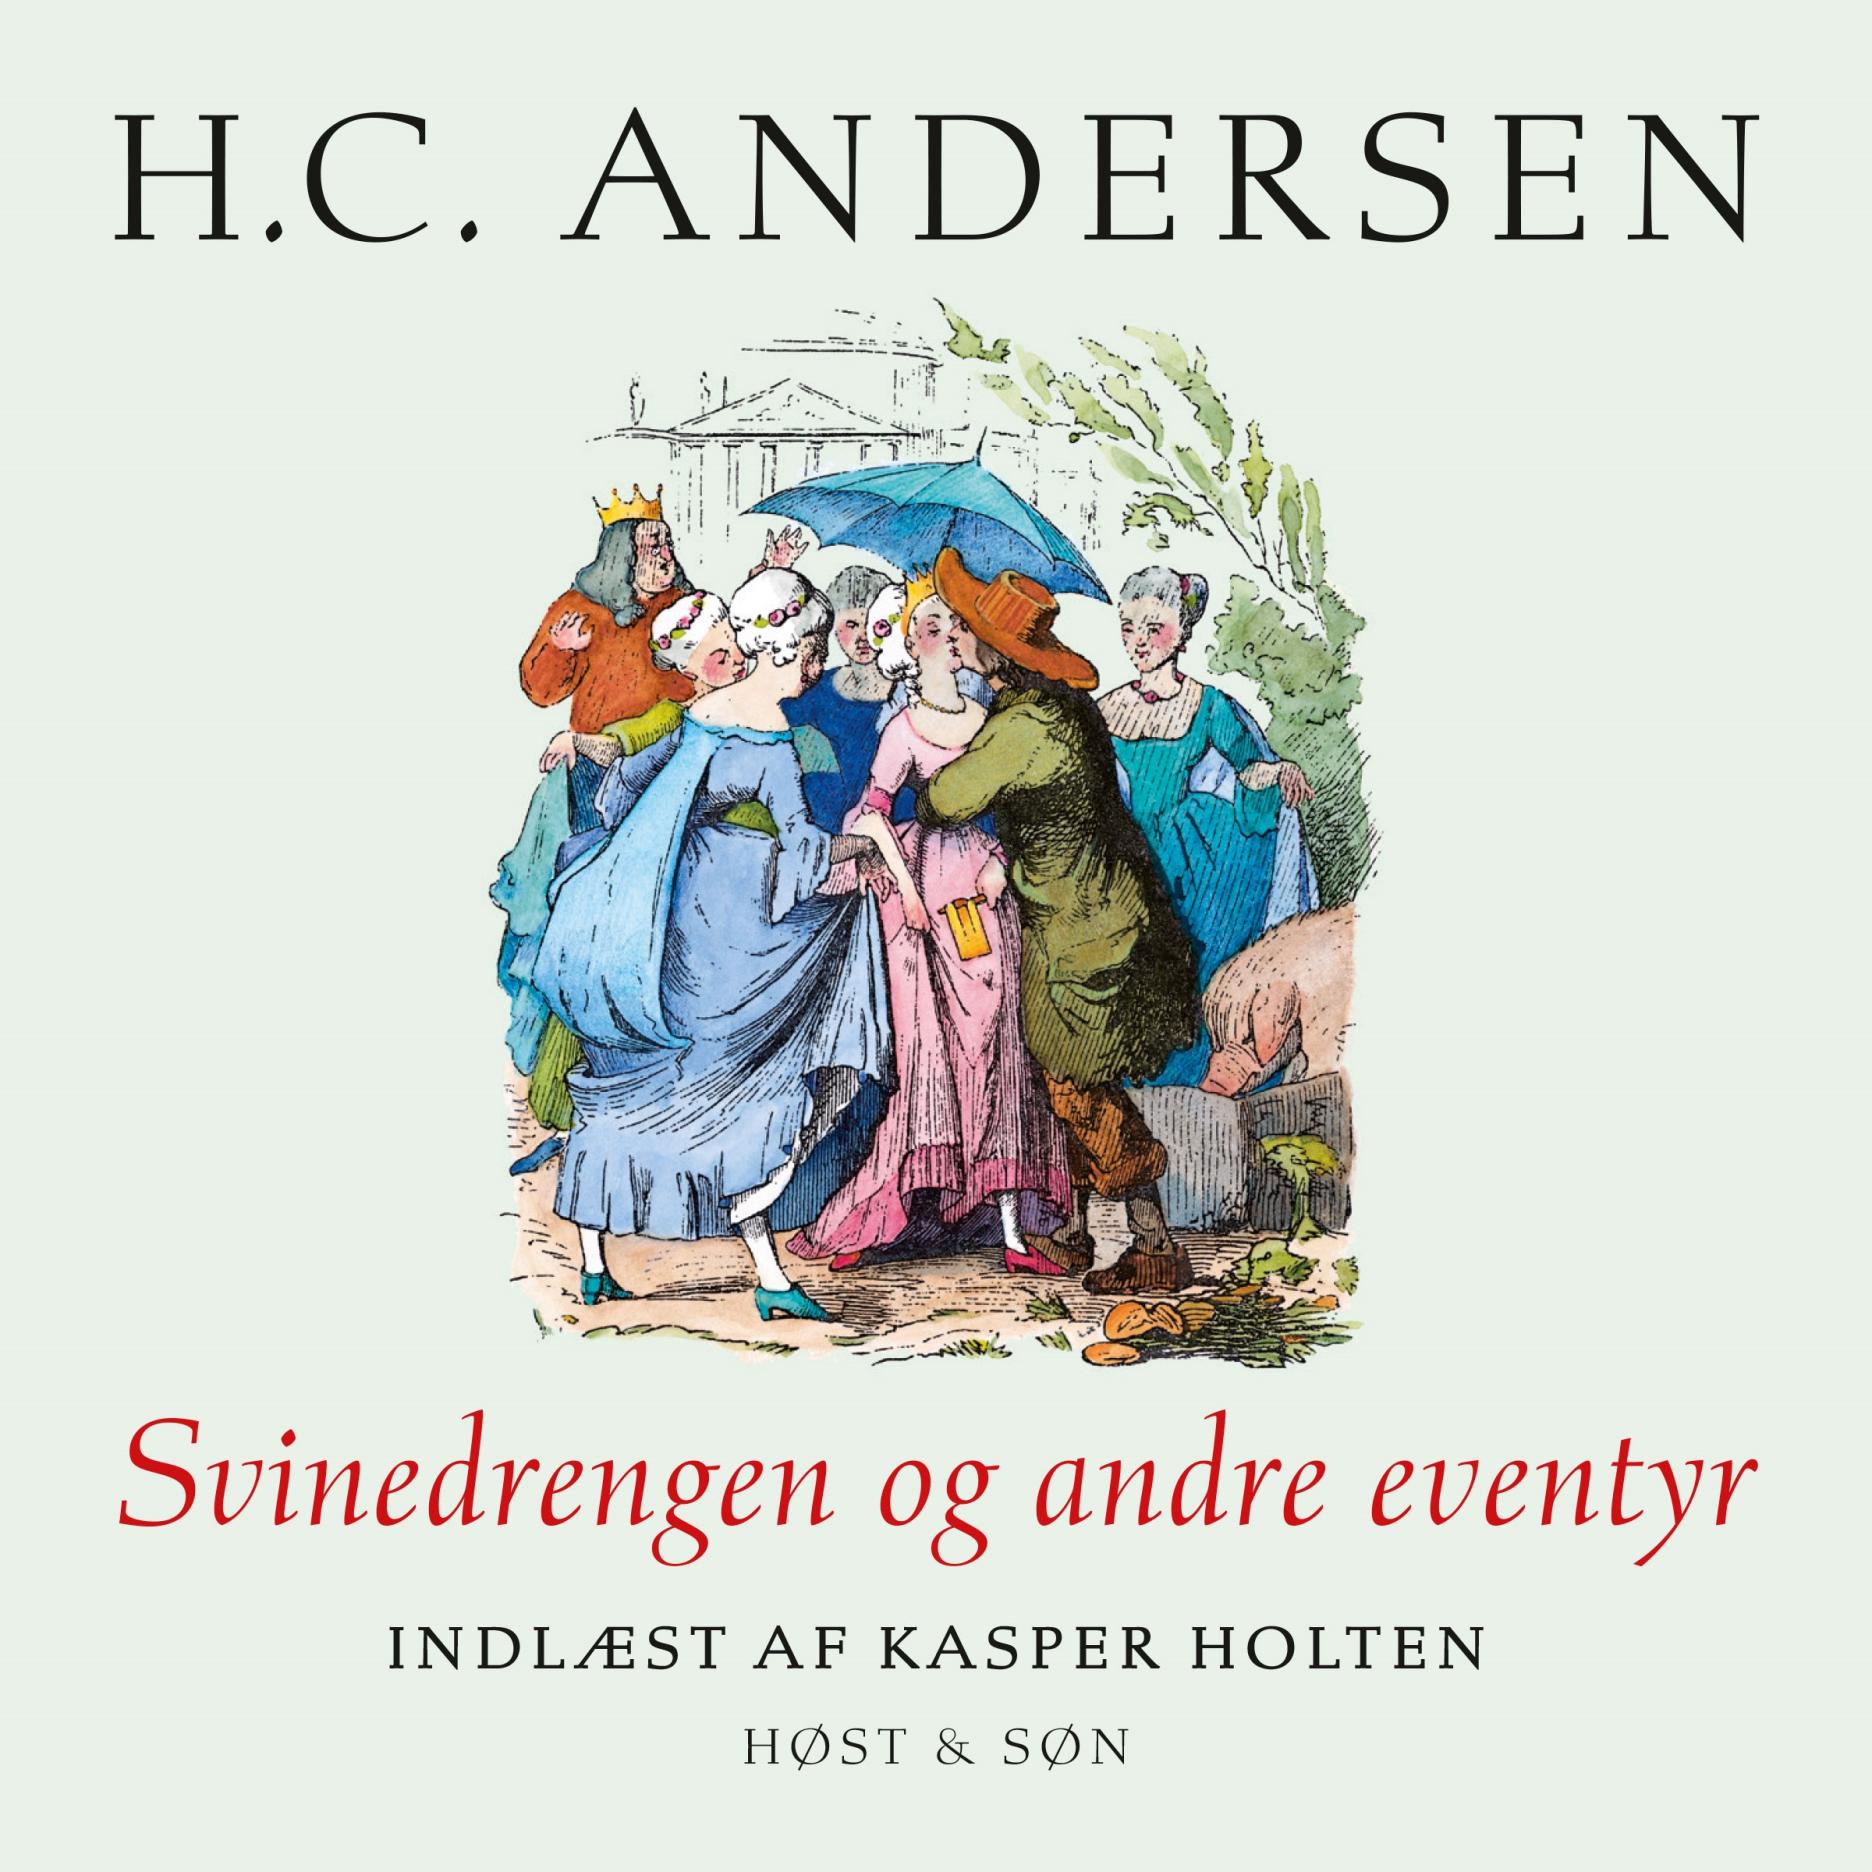 Svinedrengen og andre eventyr, indlæst af Kasper Holten - Maneno